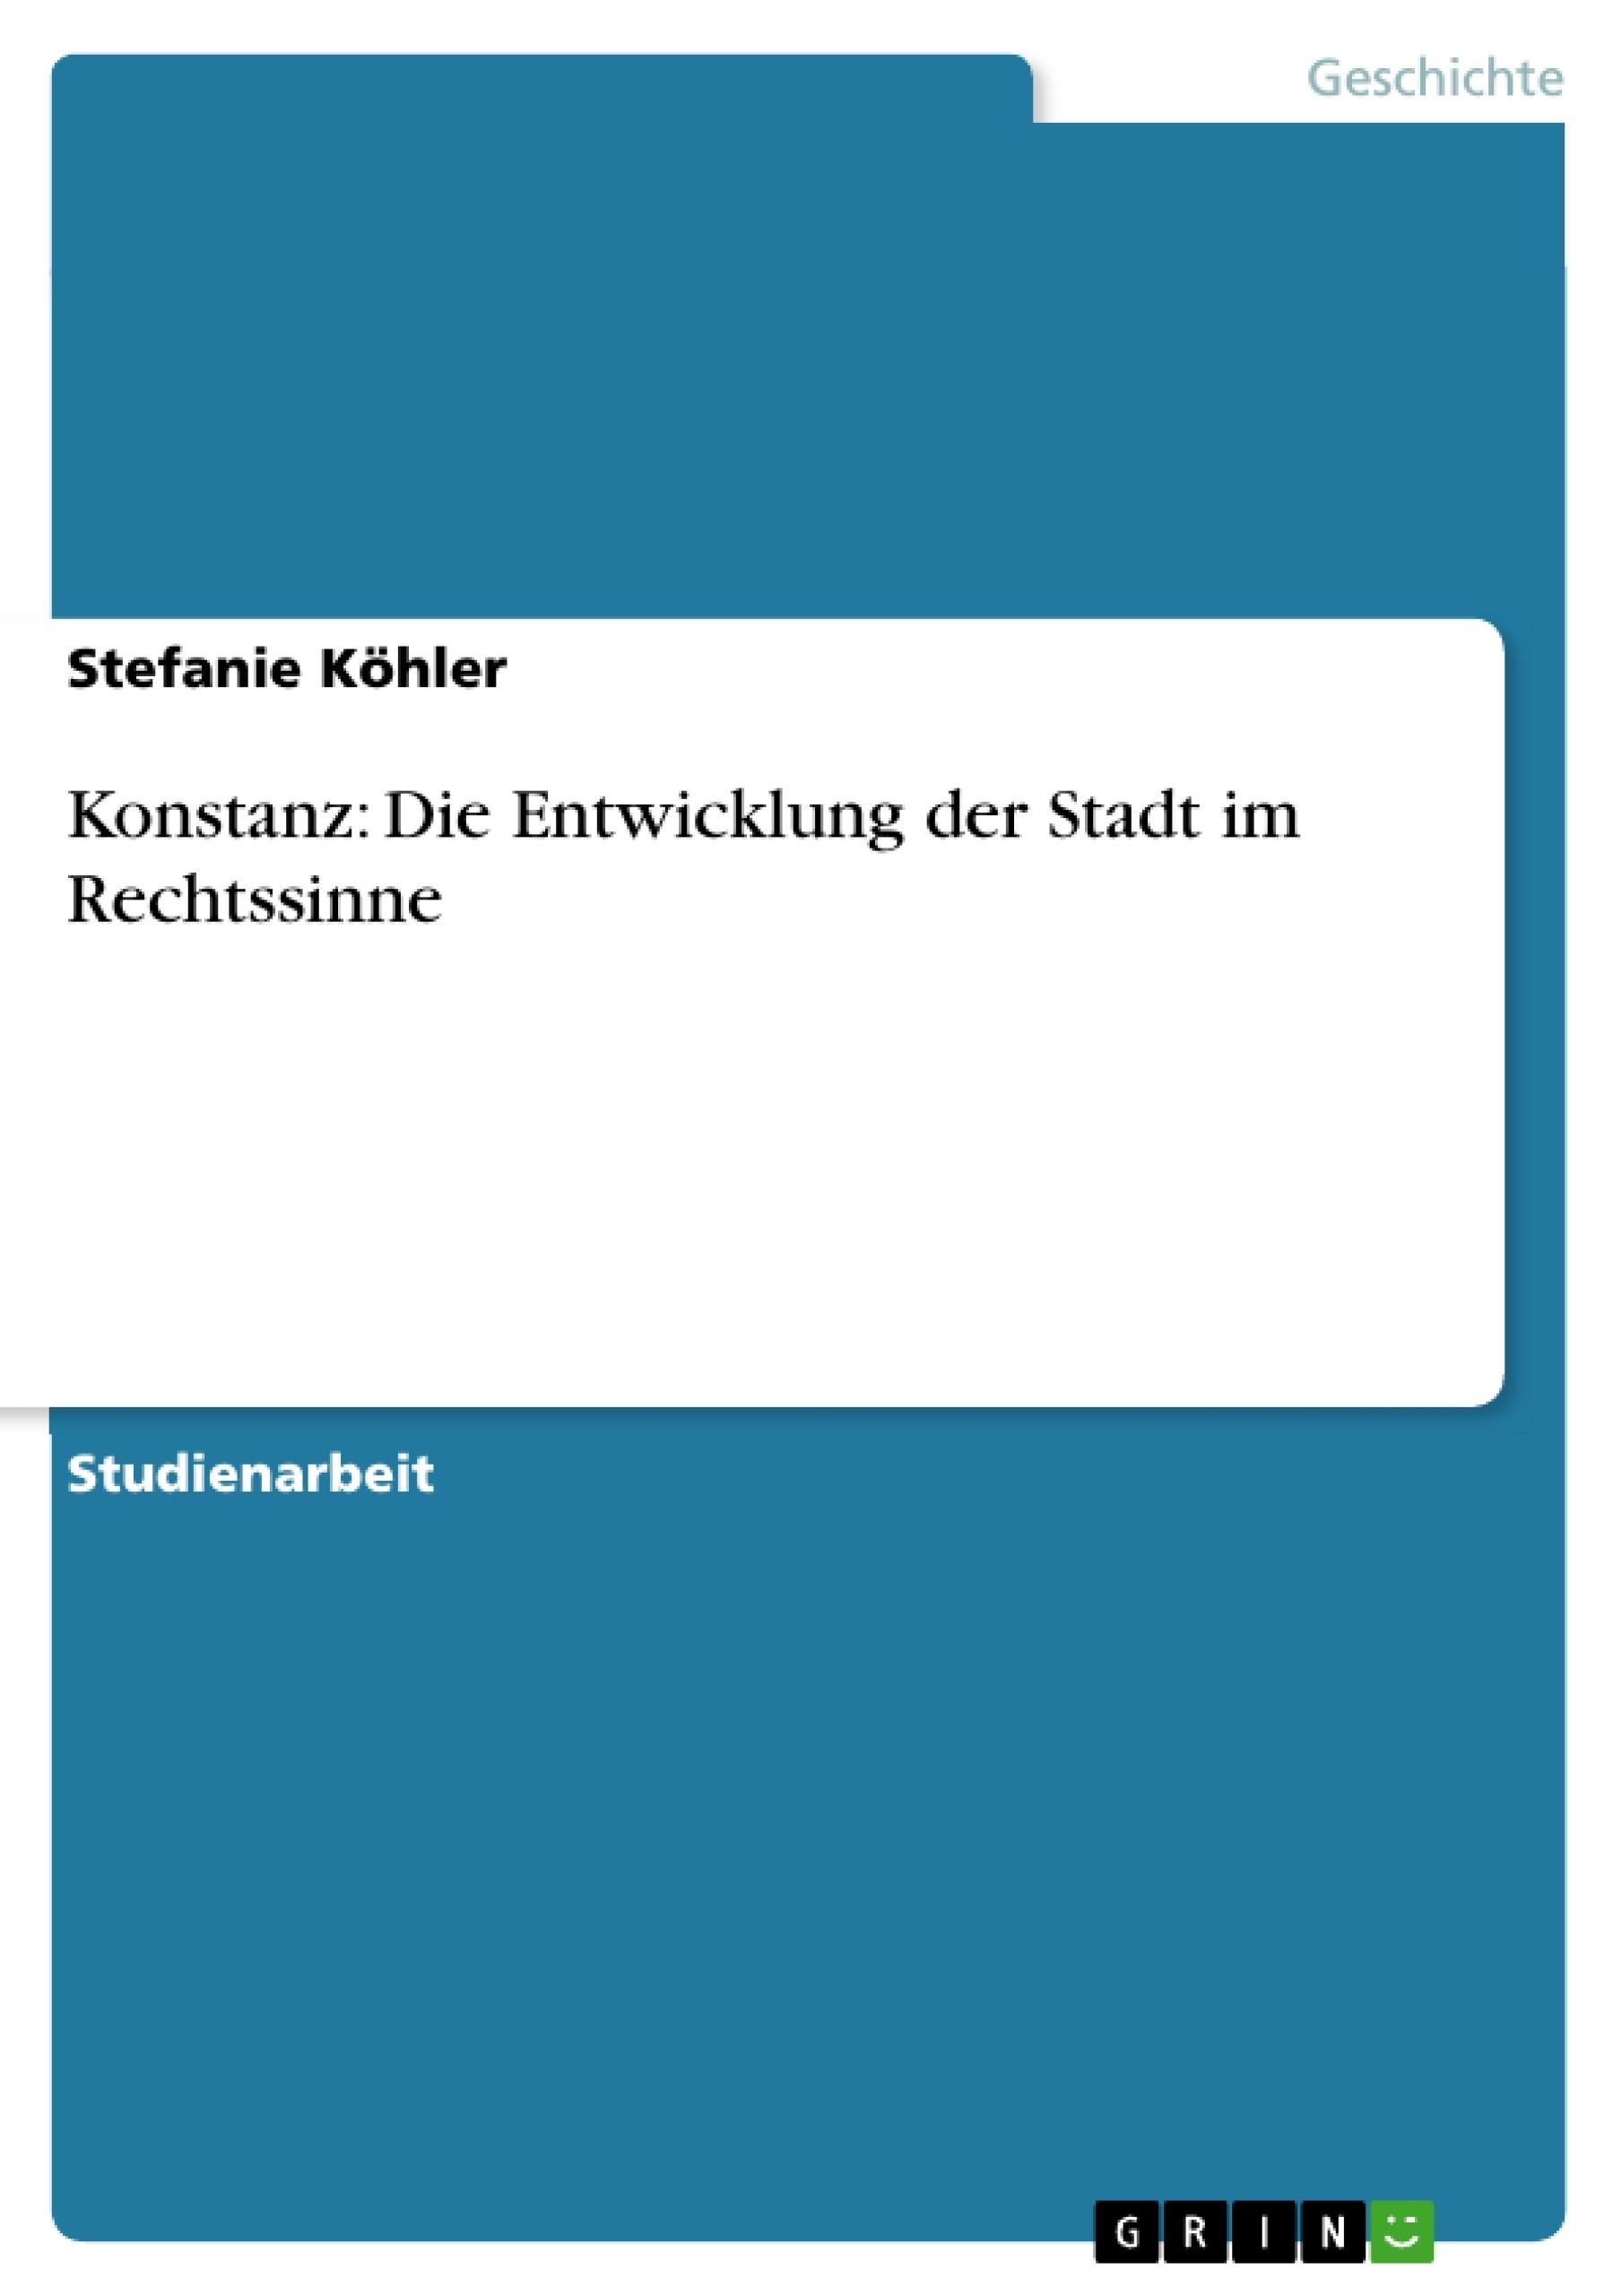 Titel: Konstanz: Die Entwicklung der Stadt im Rechtssinne